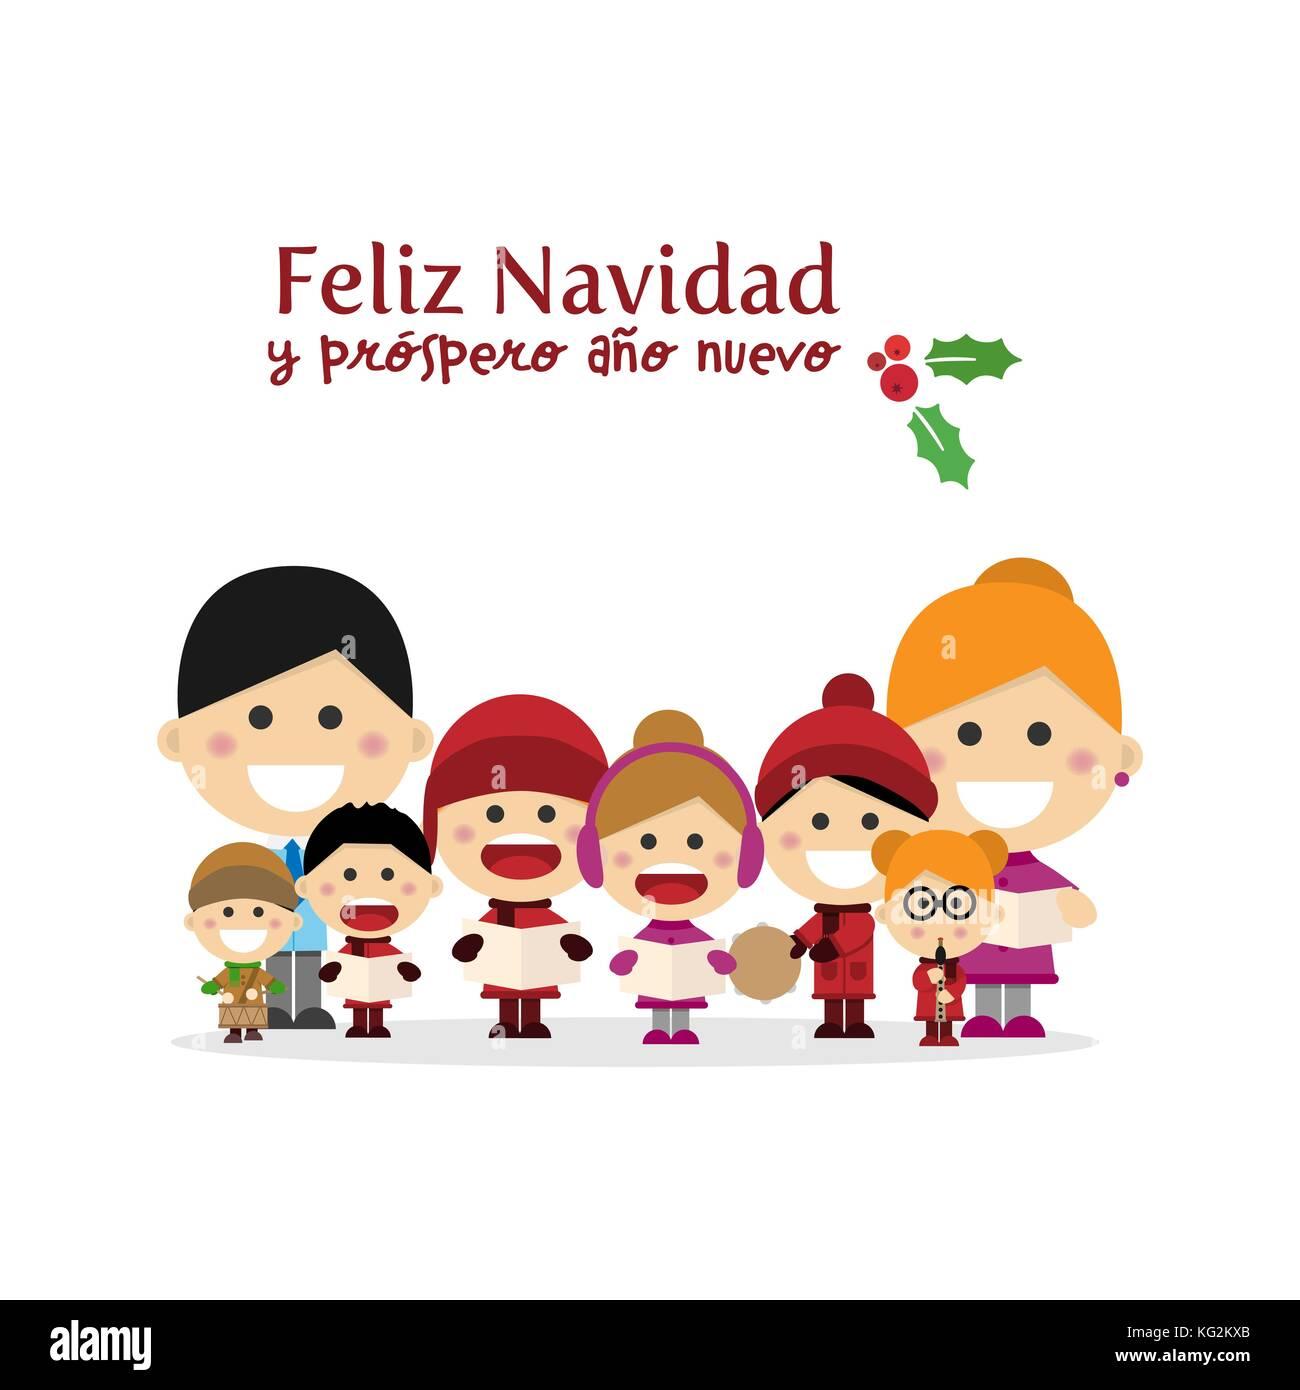 Spanische Weihnachtslieder.Niedlich Familie Singen Weihnachtslieder Auf Weihnachten Spanische